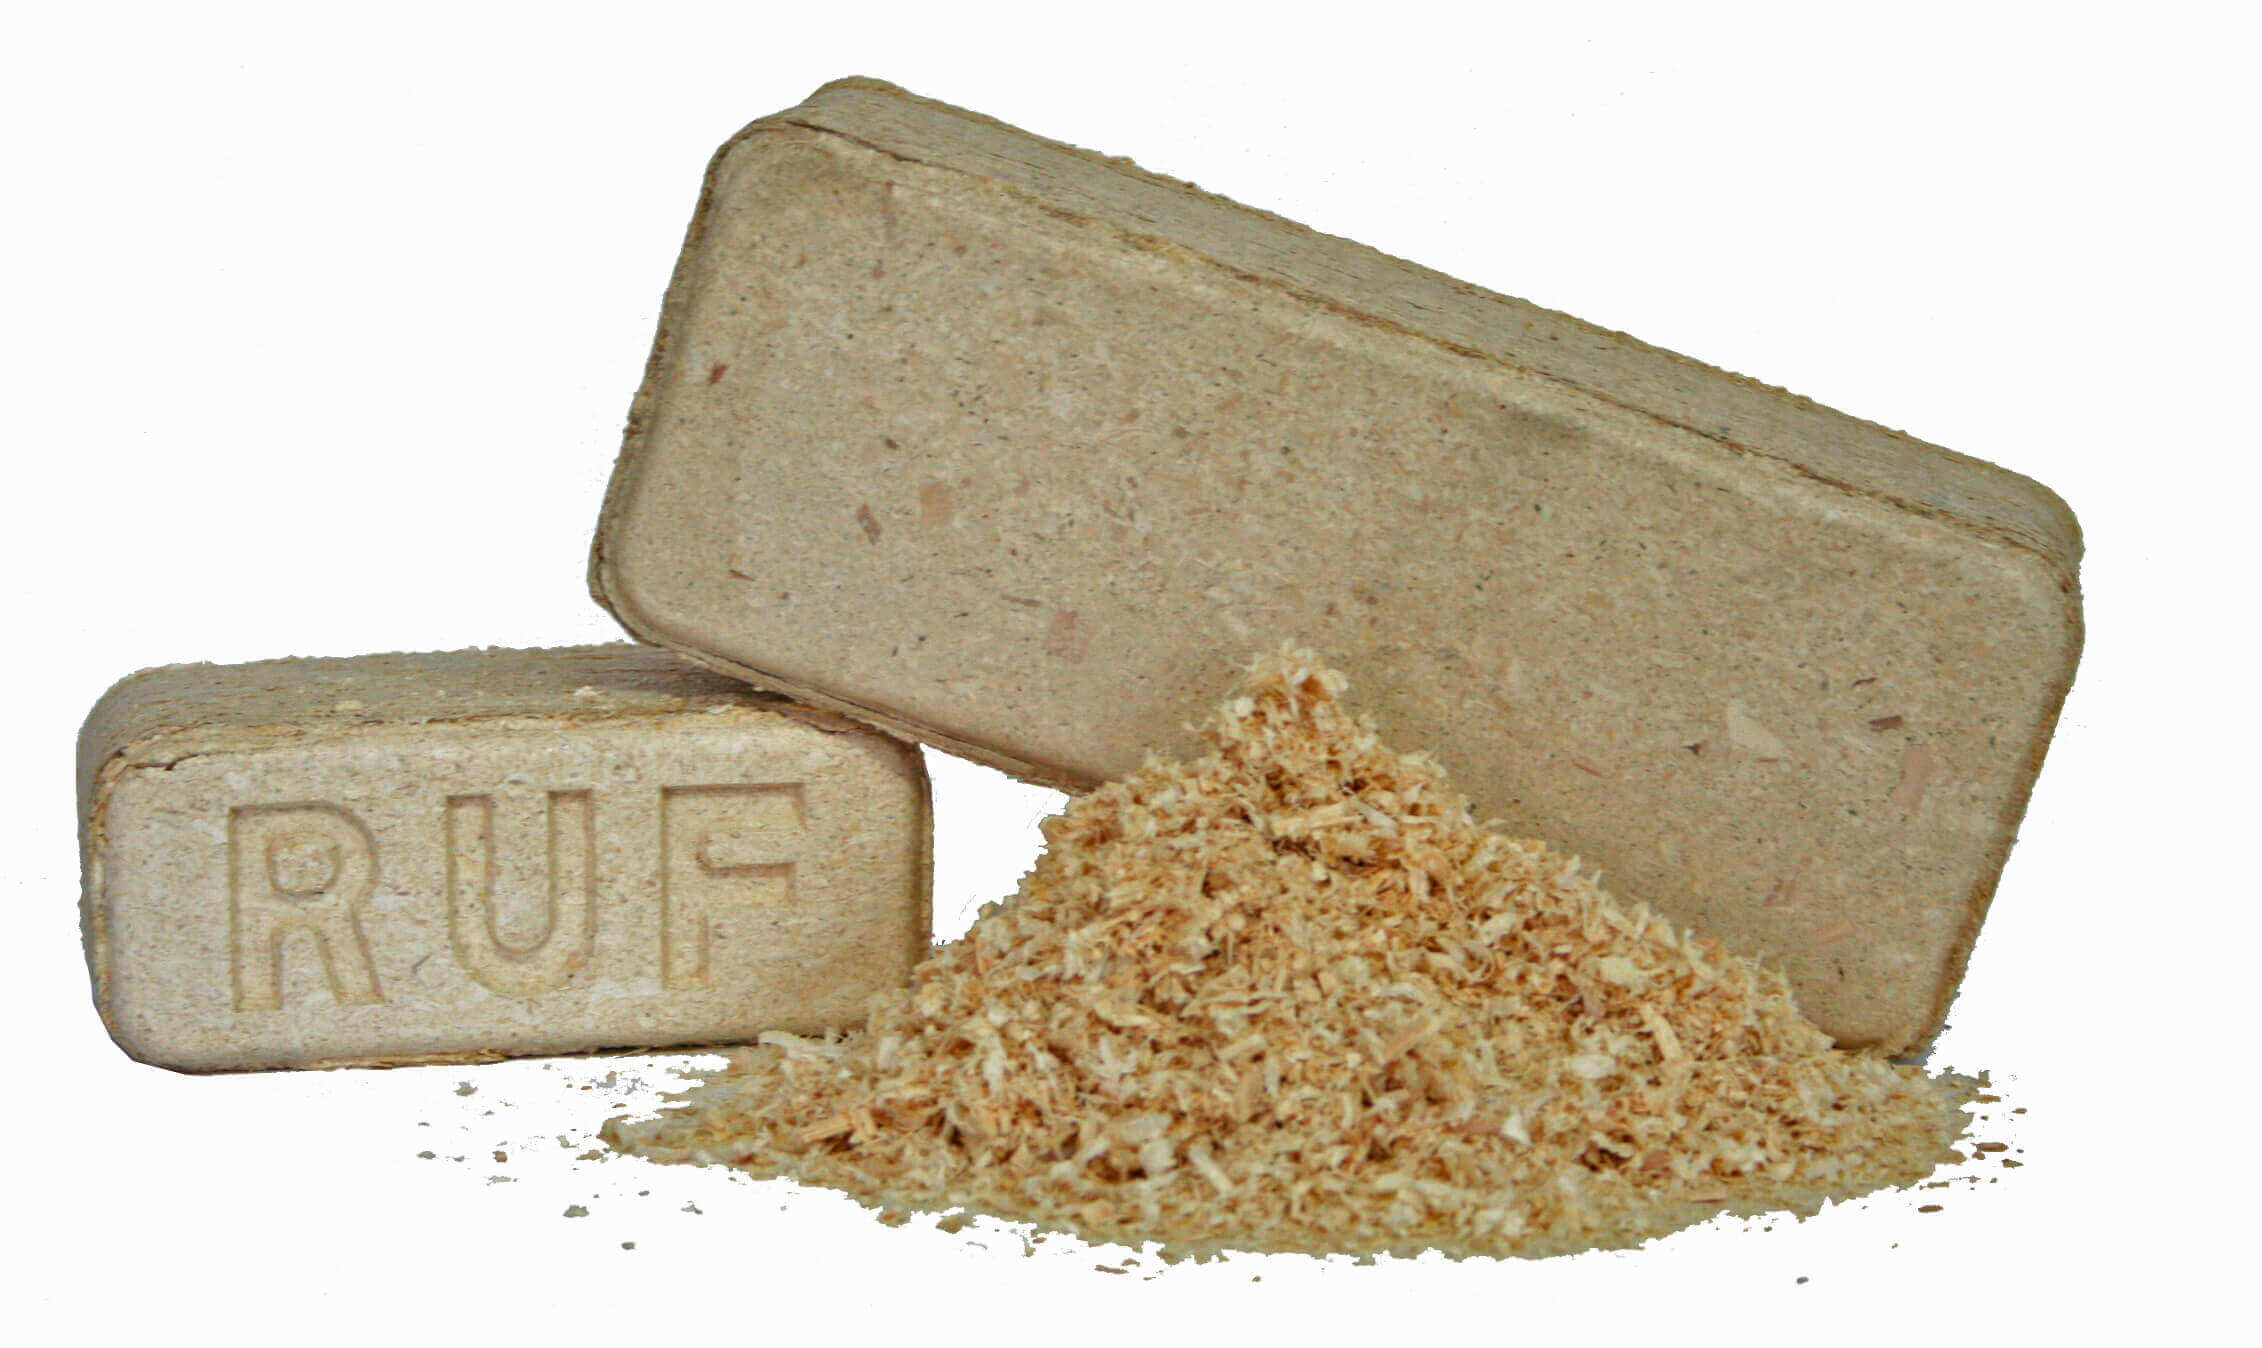 RUF Wood Briquette - Wood Briquette